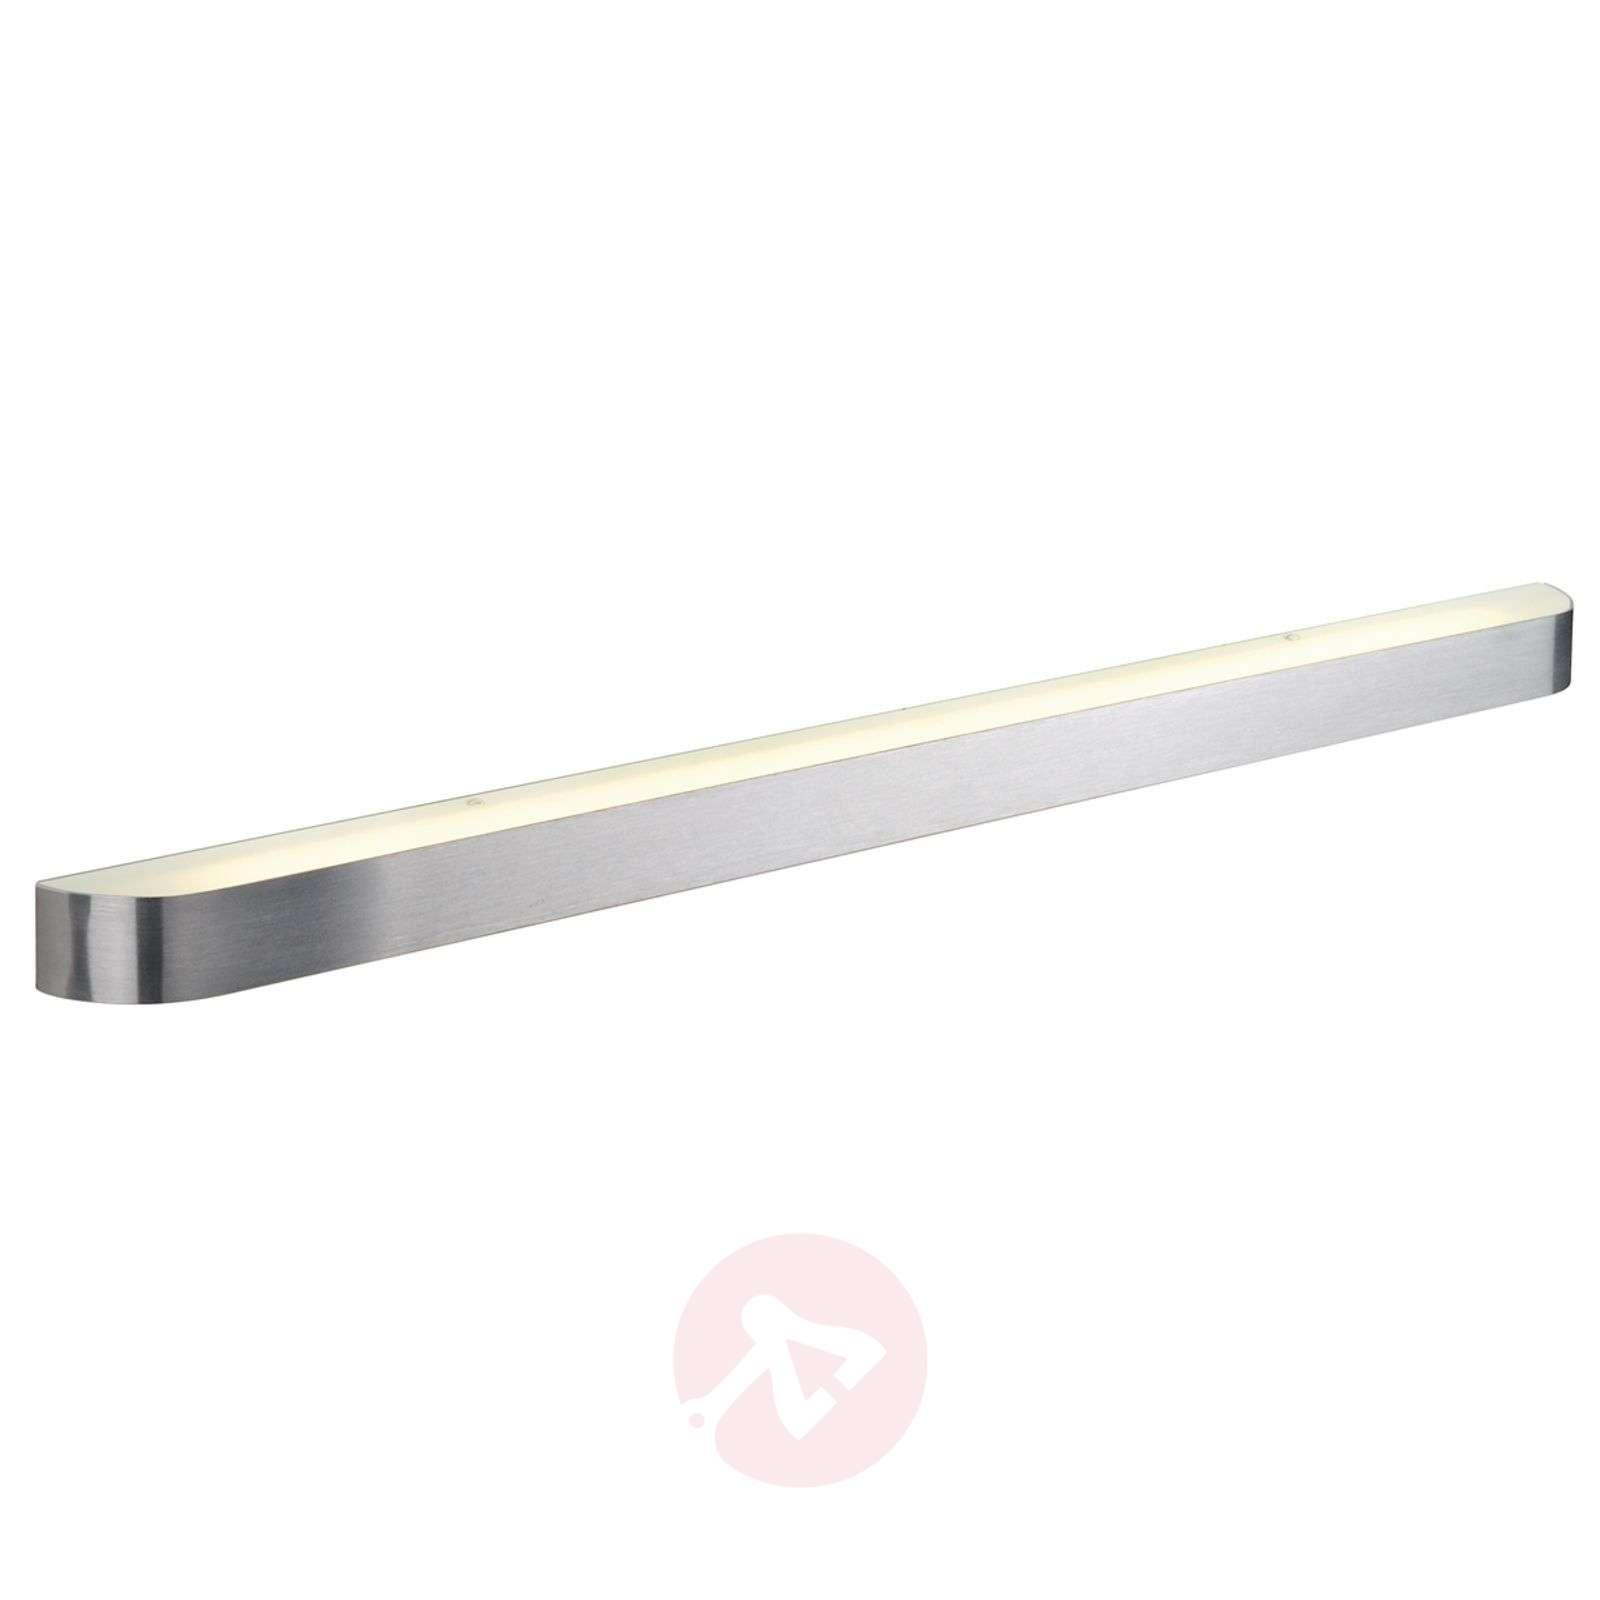 Arlina Wall Light Contemporary-5503647-03